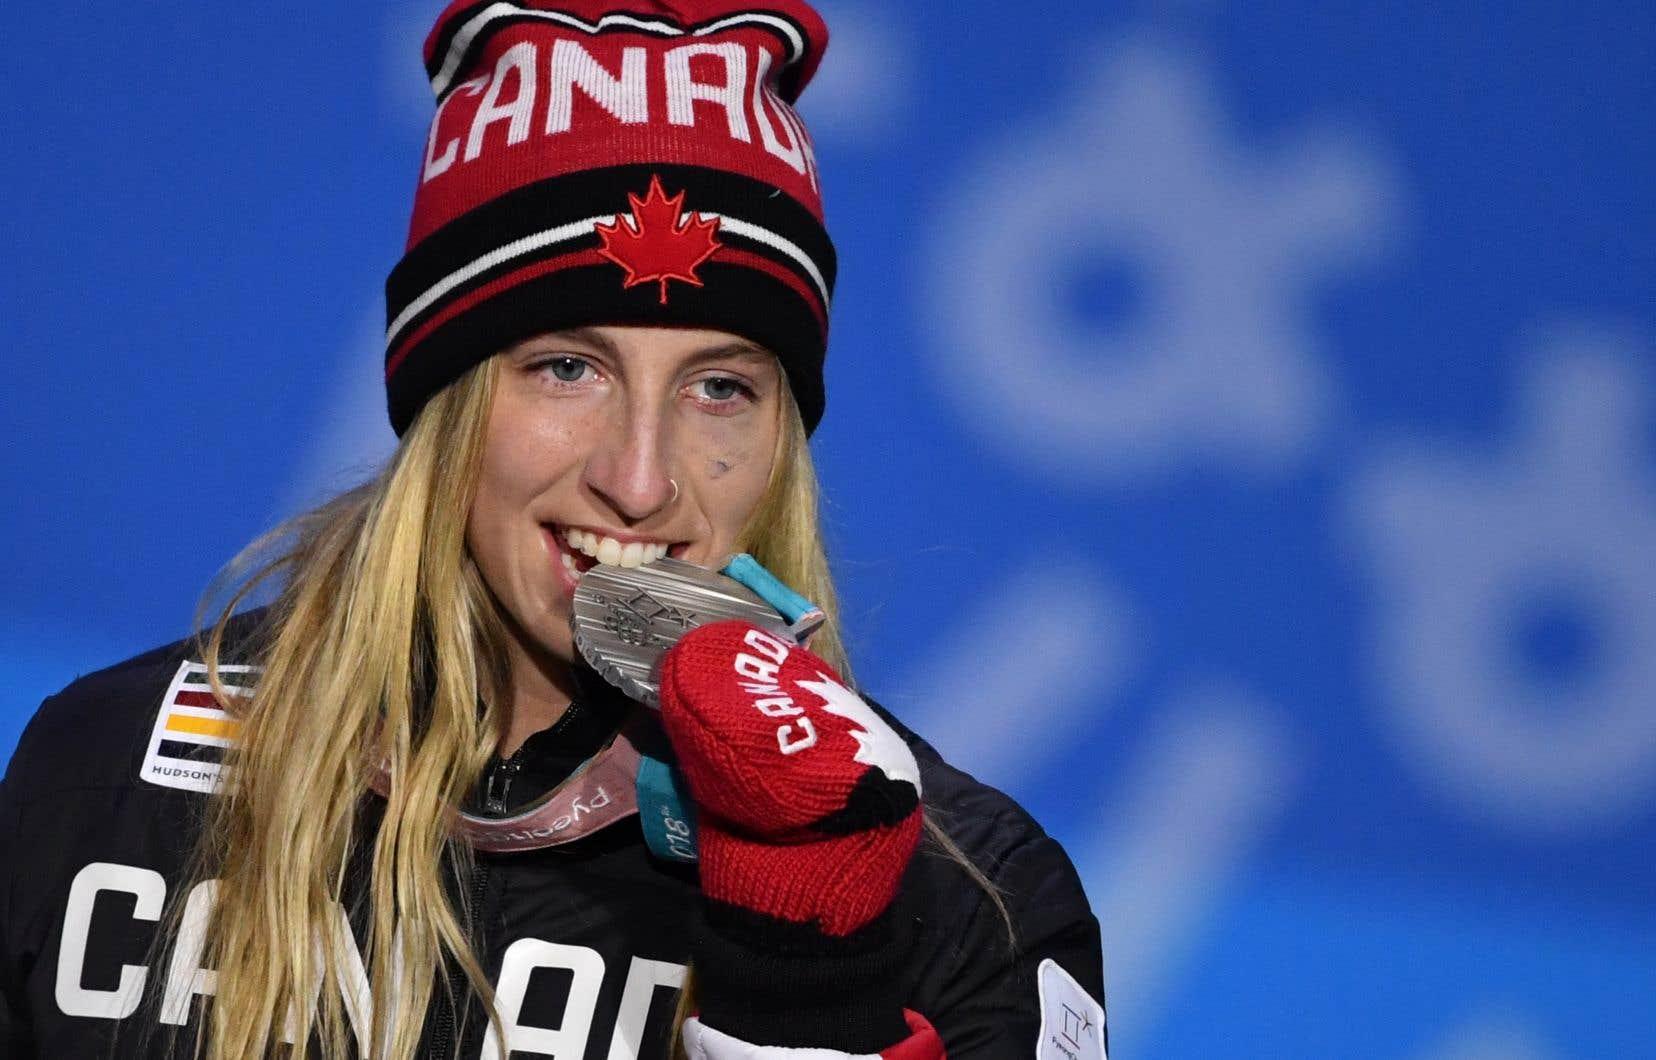 La Canadienne Laurie Blouin savoure sa médaille d'argent sur le podium lors de la cérémonie de remise pour l'épreuve féminine de descente acrobatique en planche à neige.